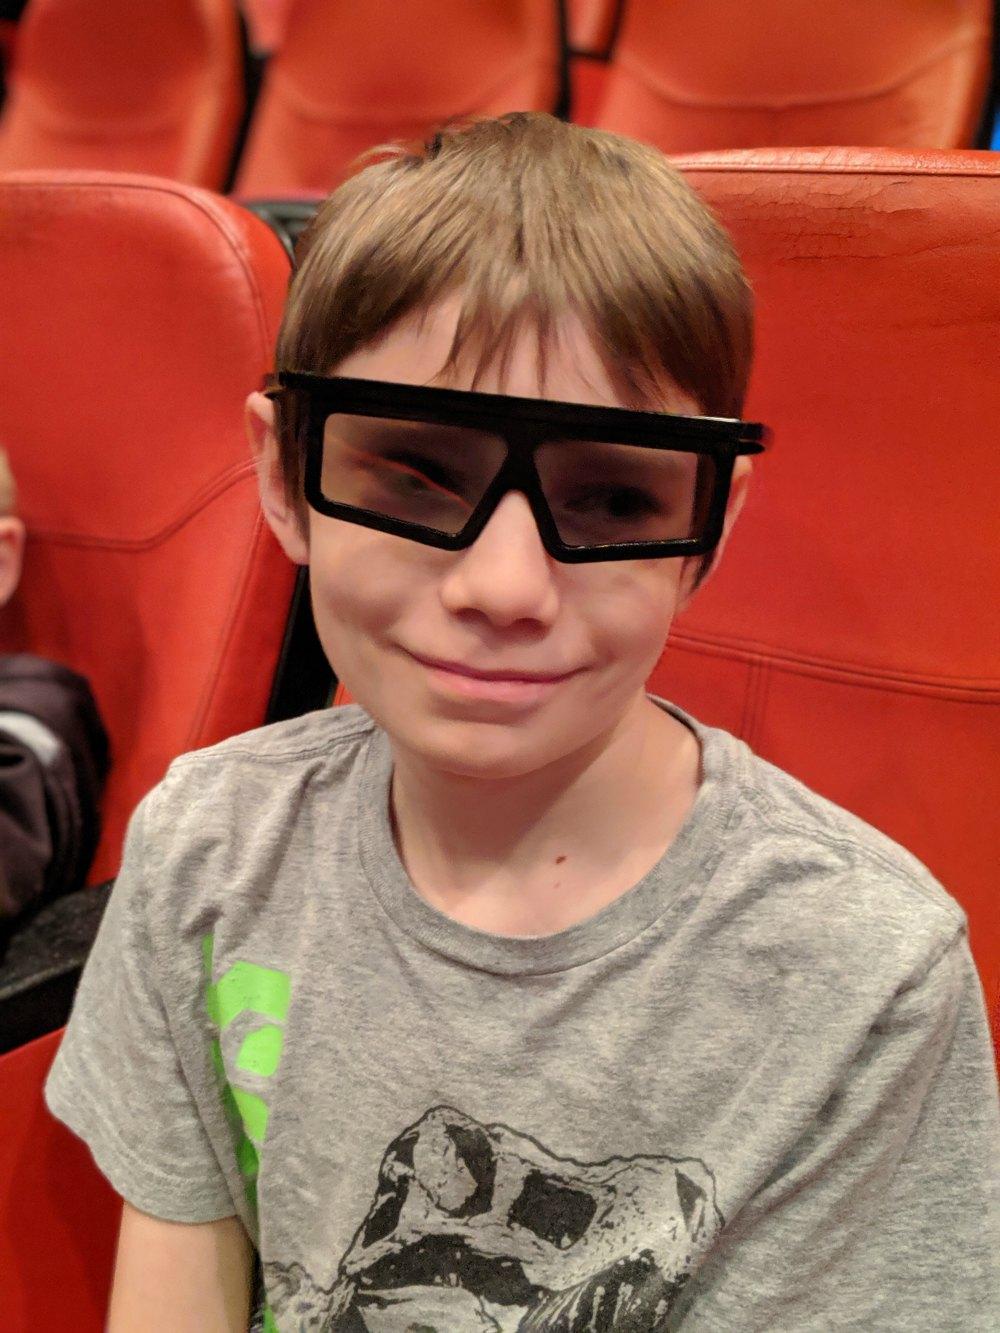 LEGOLAND Discovery Center Grapevine Texas - LEGO City NEW 4D Movie